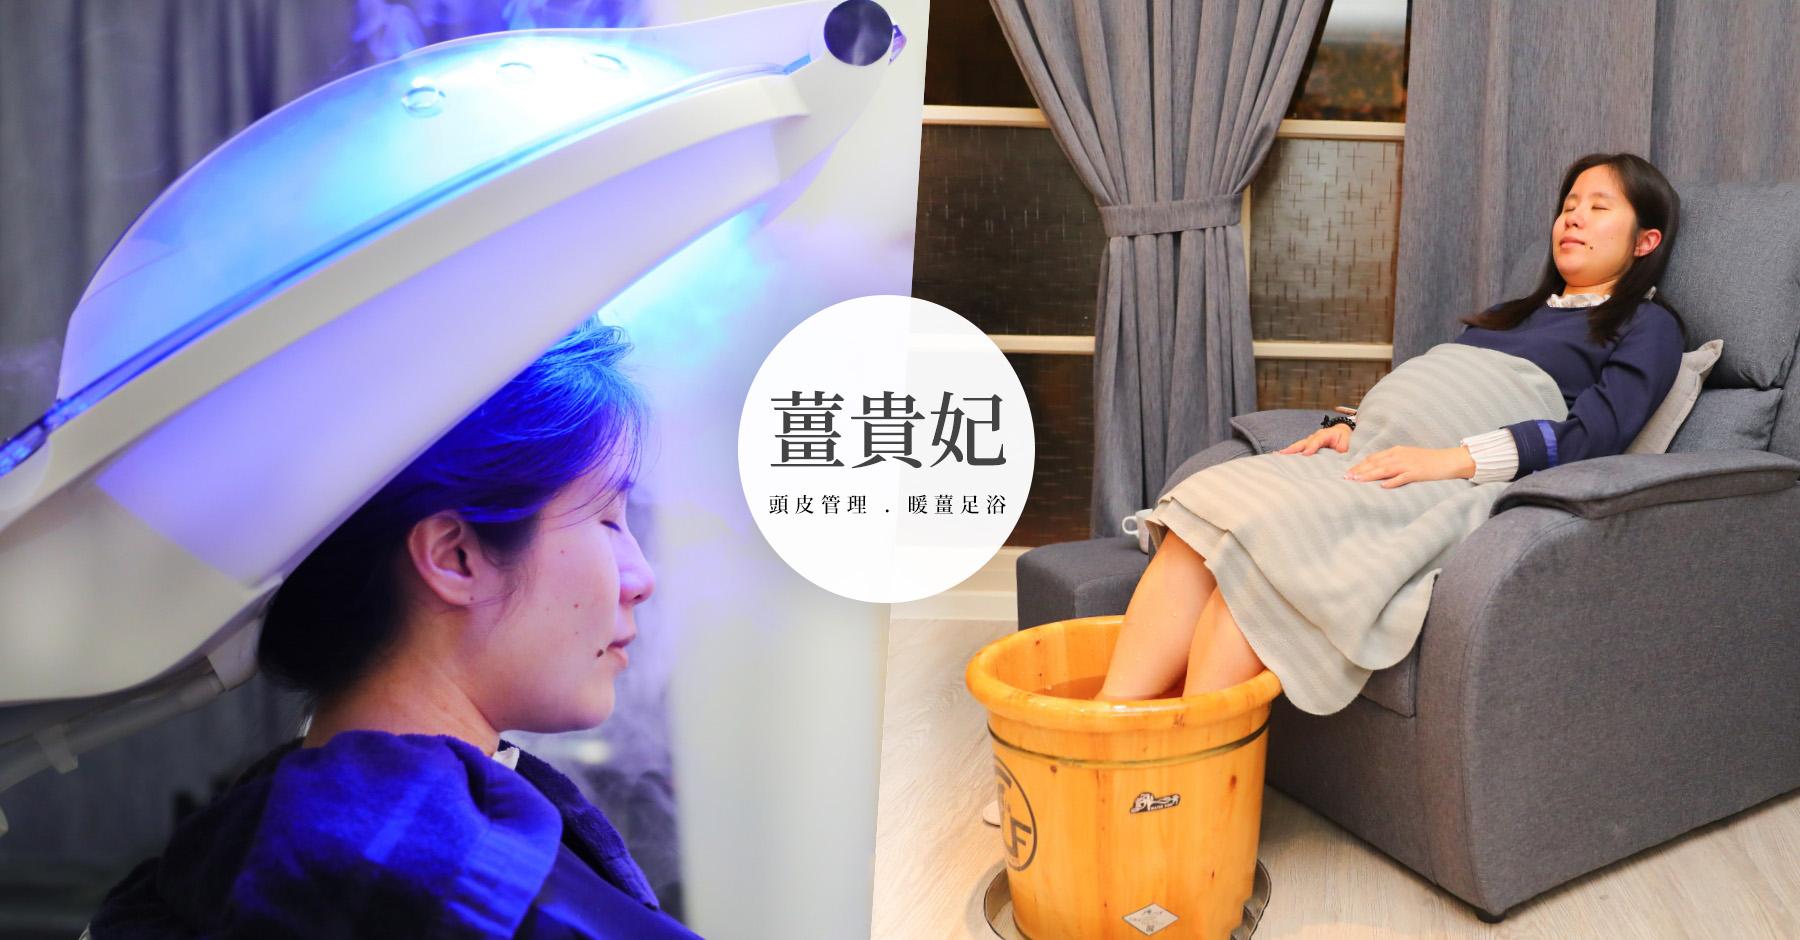 宜蘭美髮推薦|礁溪薑貴妃髮顏美學|薑汁洗頭&頭皮SPA美髮健檢暖薑泡腳岩盤浴